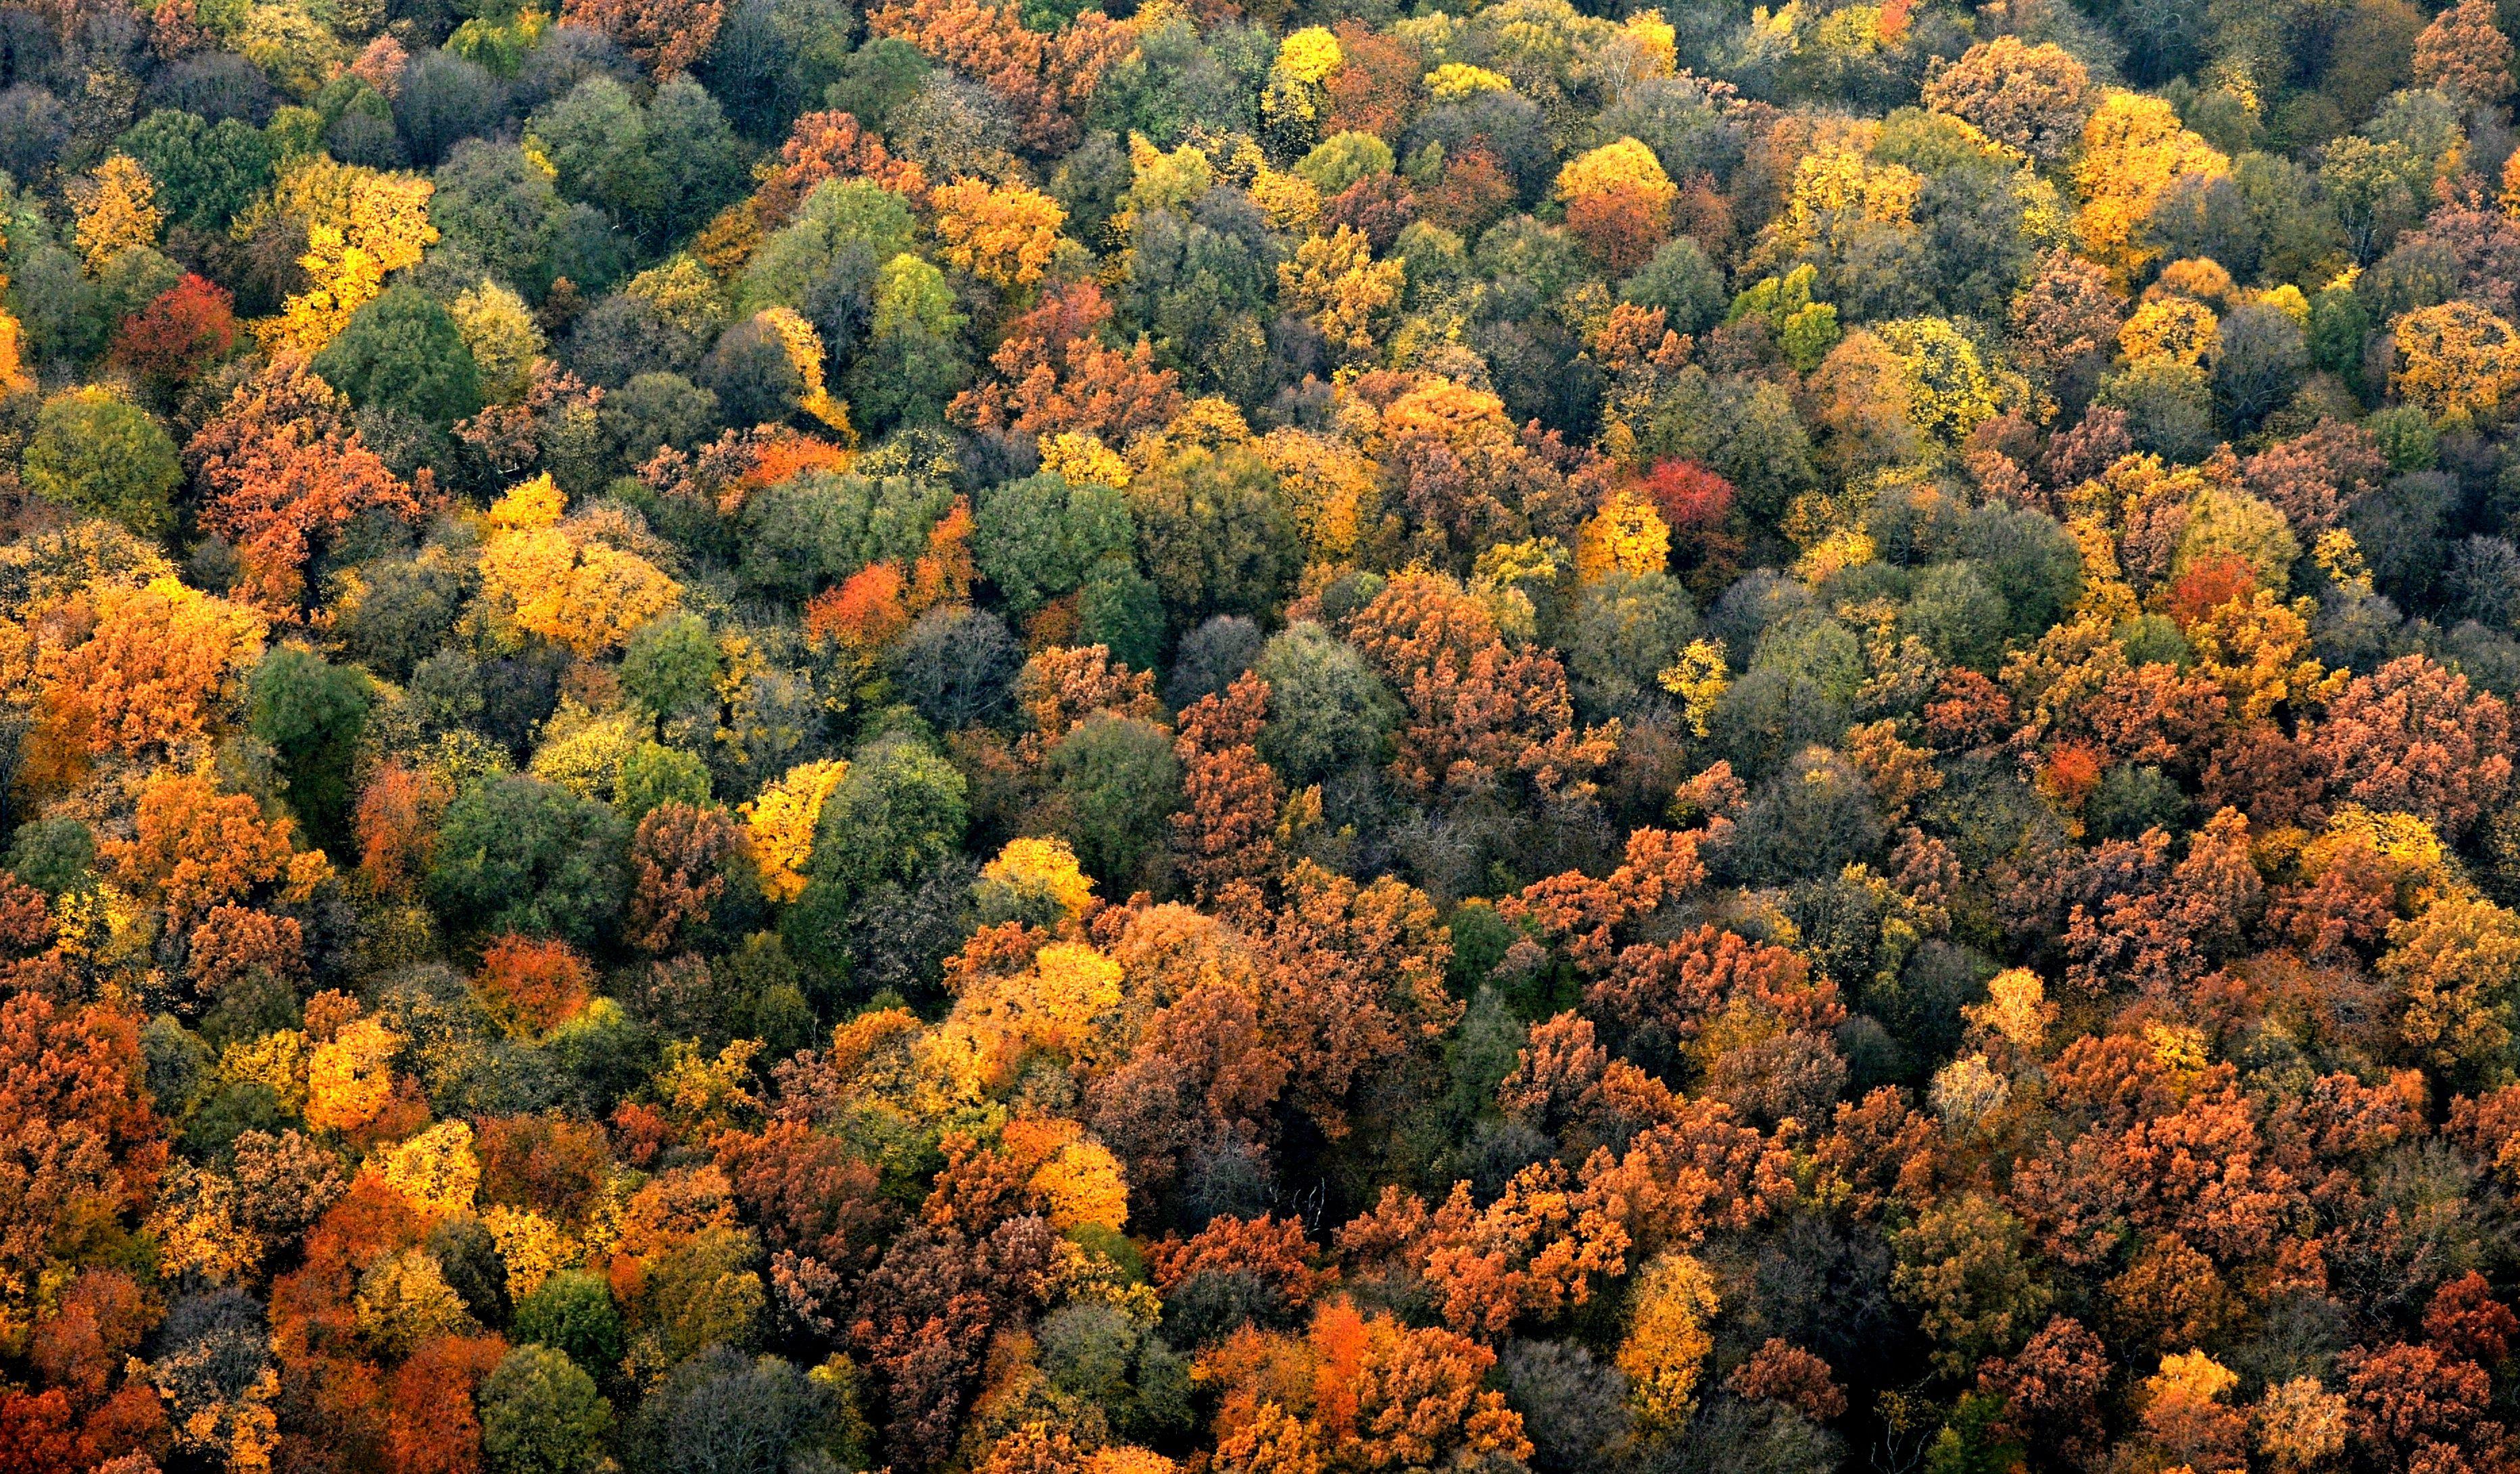 Der Herbst ist bunt. Die Laubbäume färben sich. Foto: Alexander Volkmann